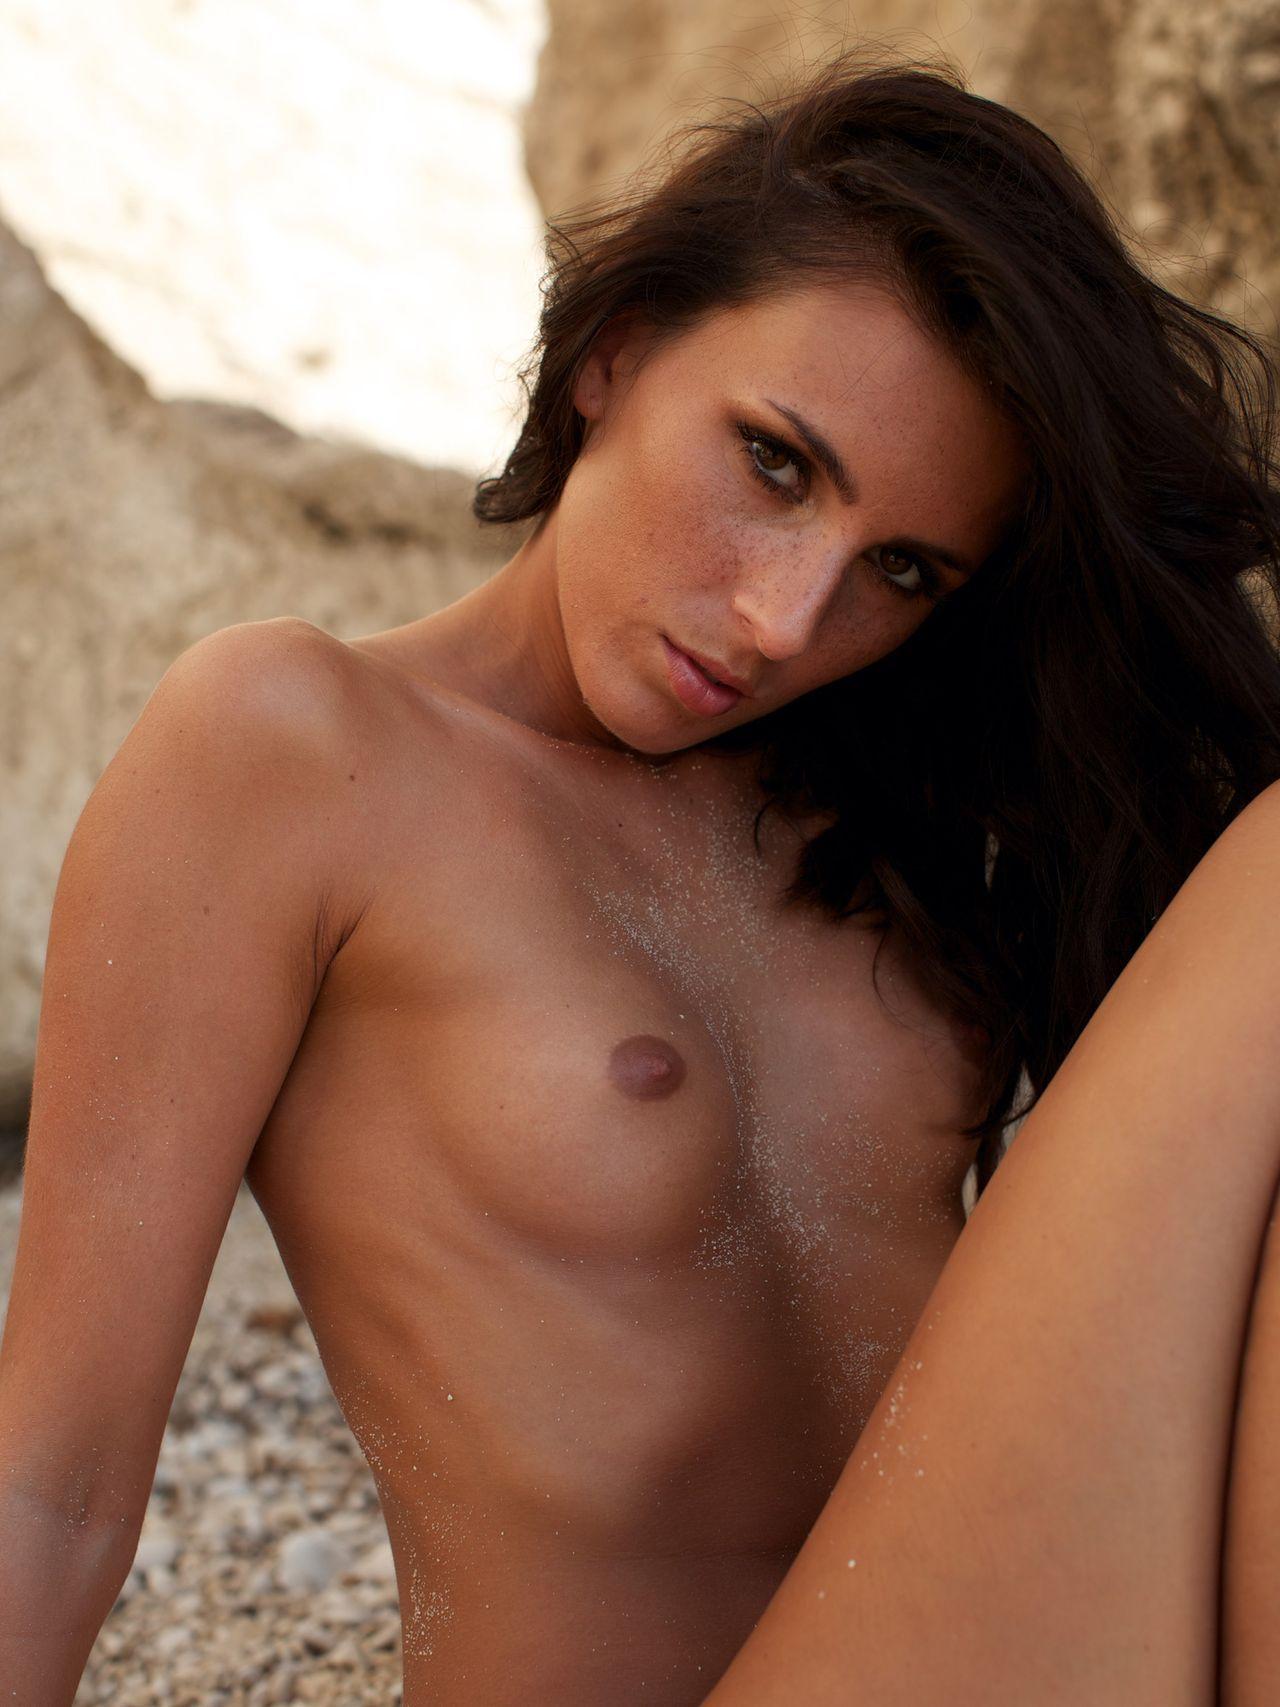 Janina youssefian nackt im playboy